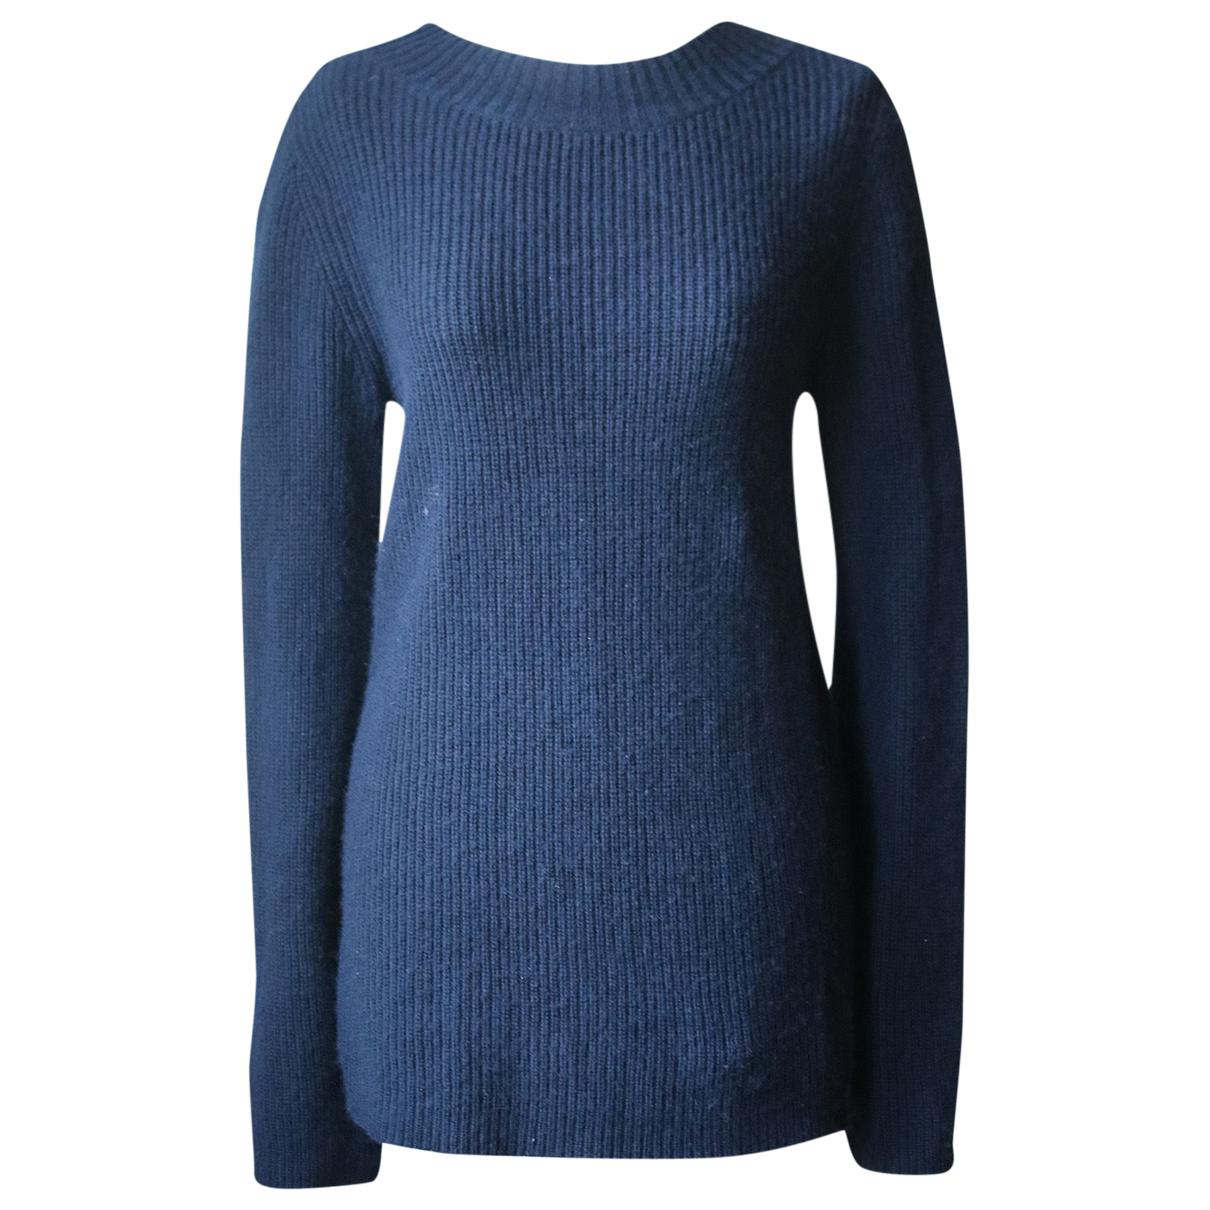 A.l.c N Blue Wool Knitwear for Women S International